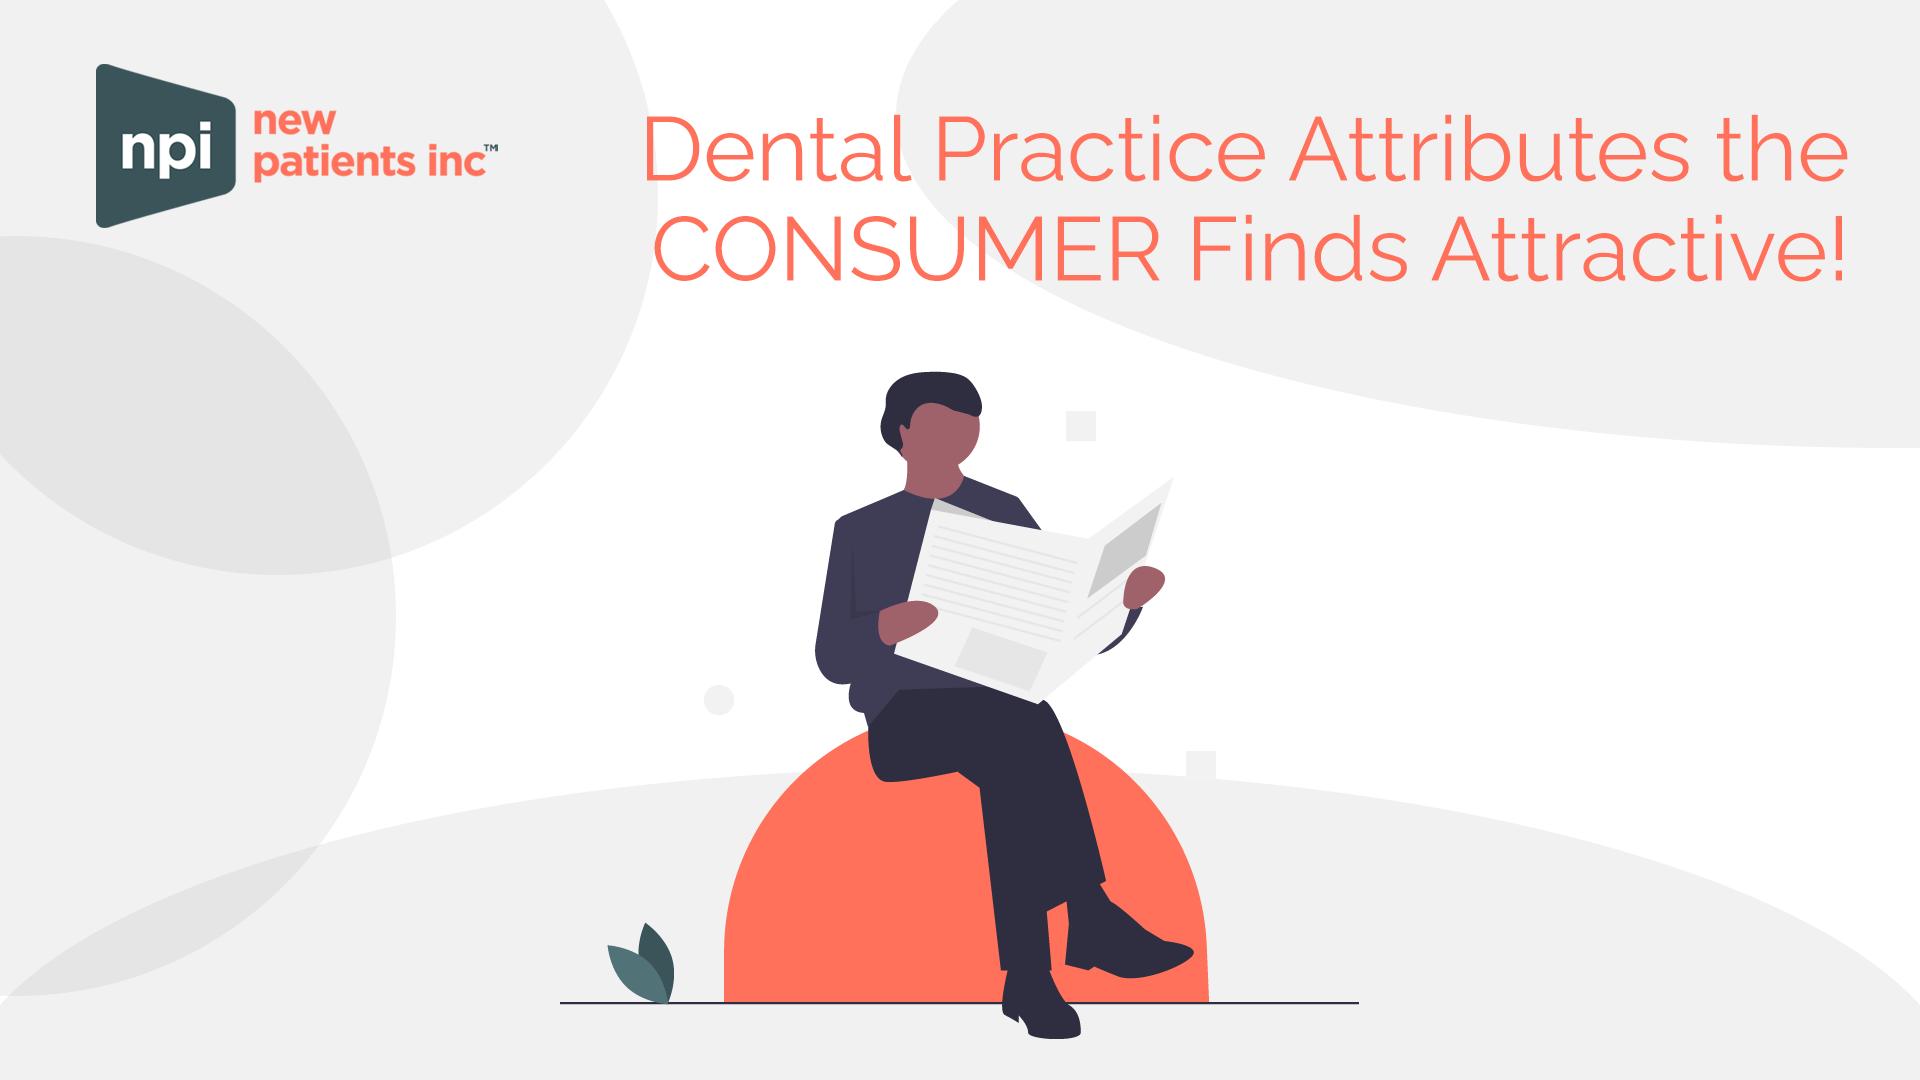 Marketable Dental Practice Attributes